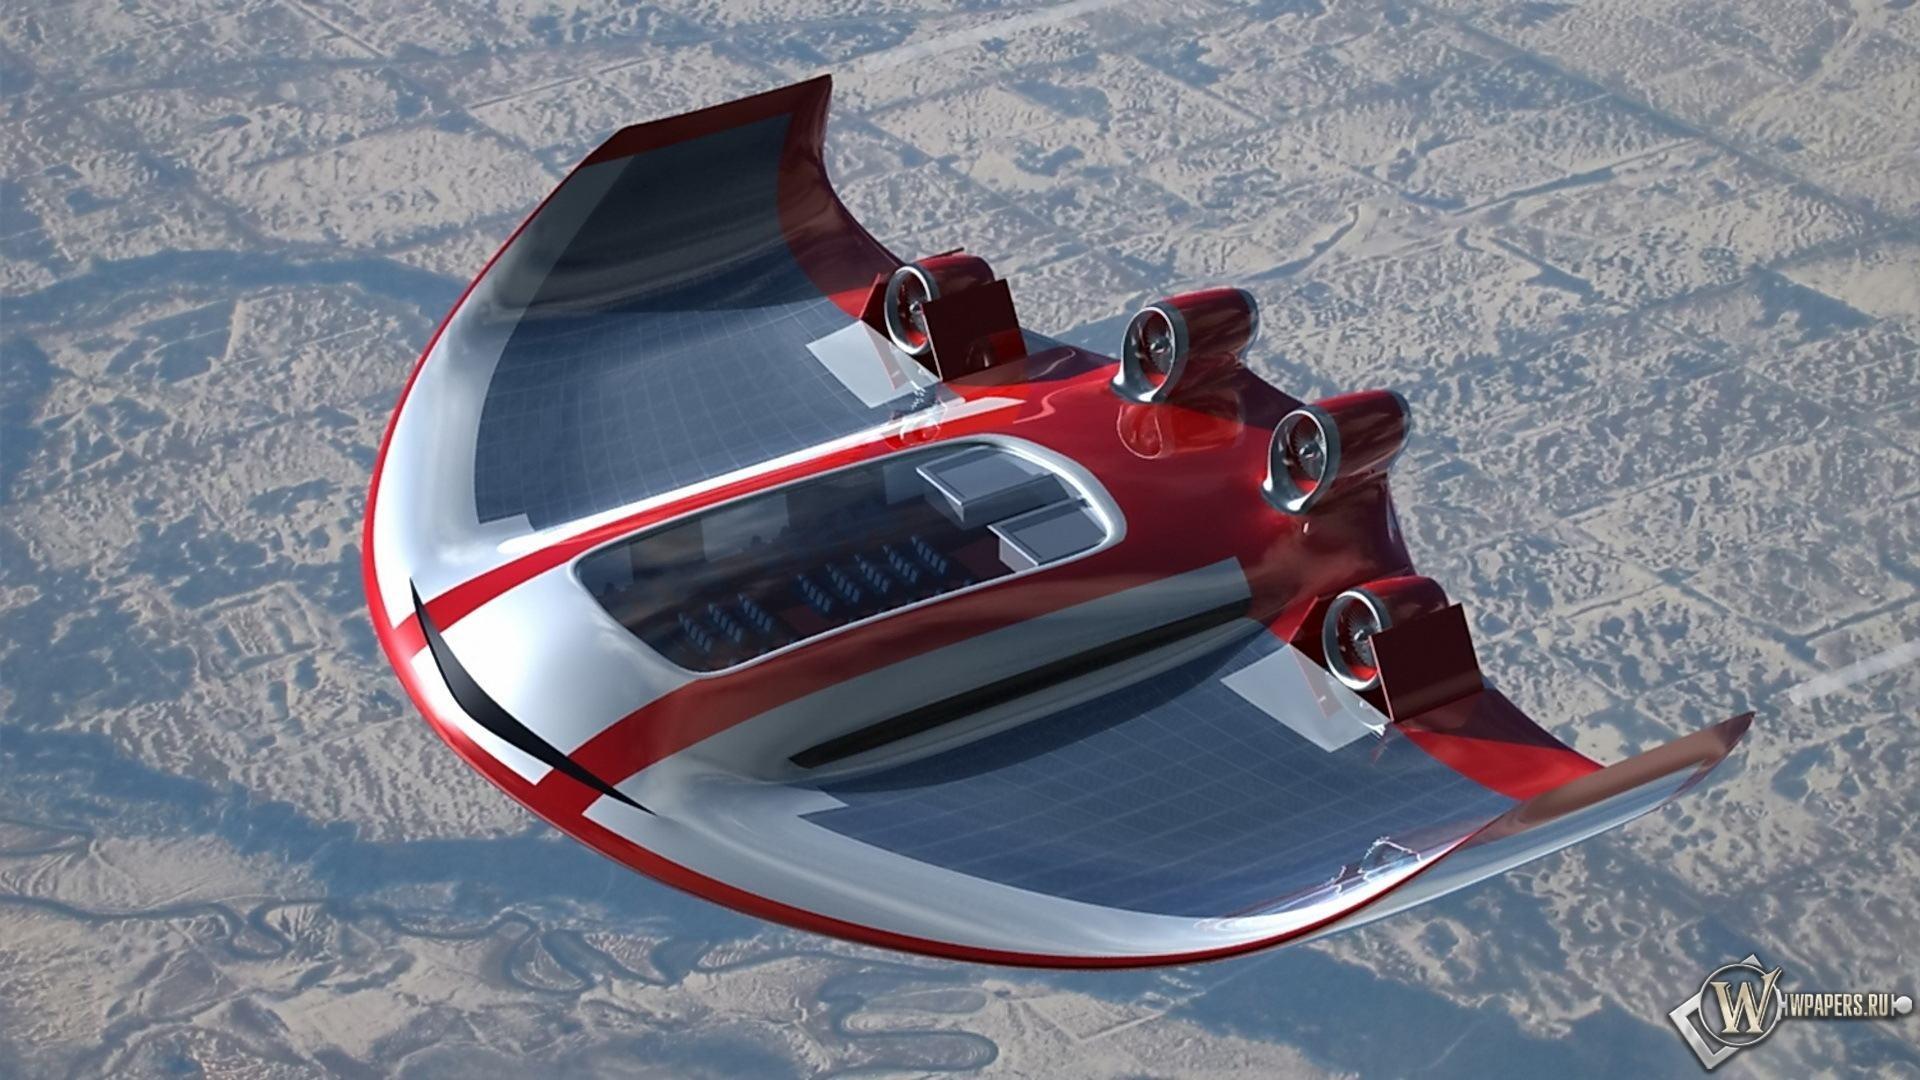 Самолет-концепт 1920x1080